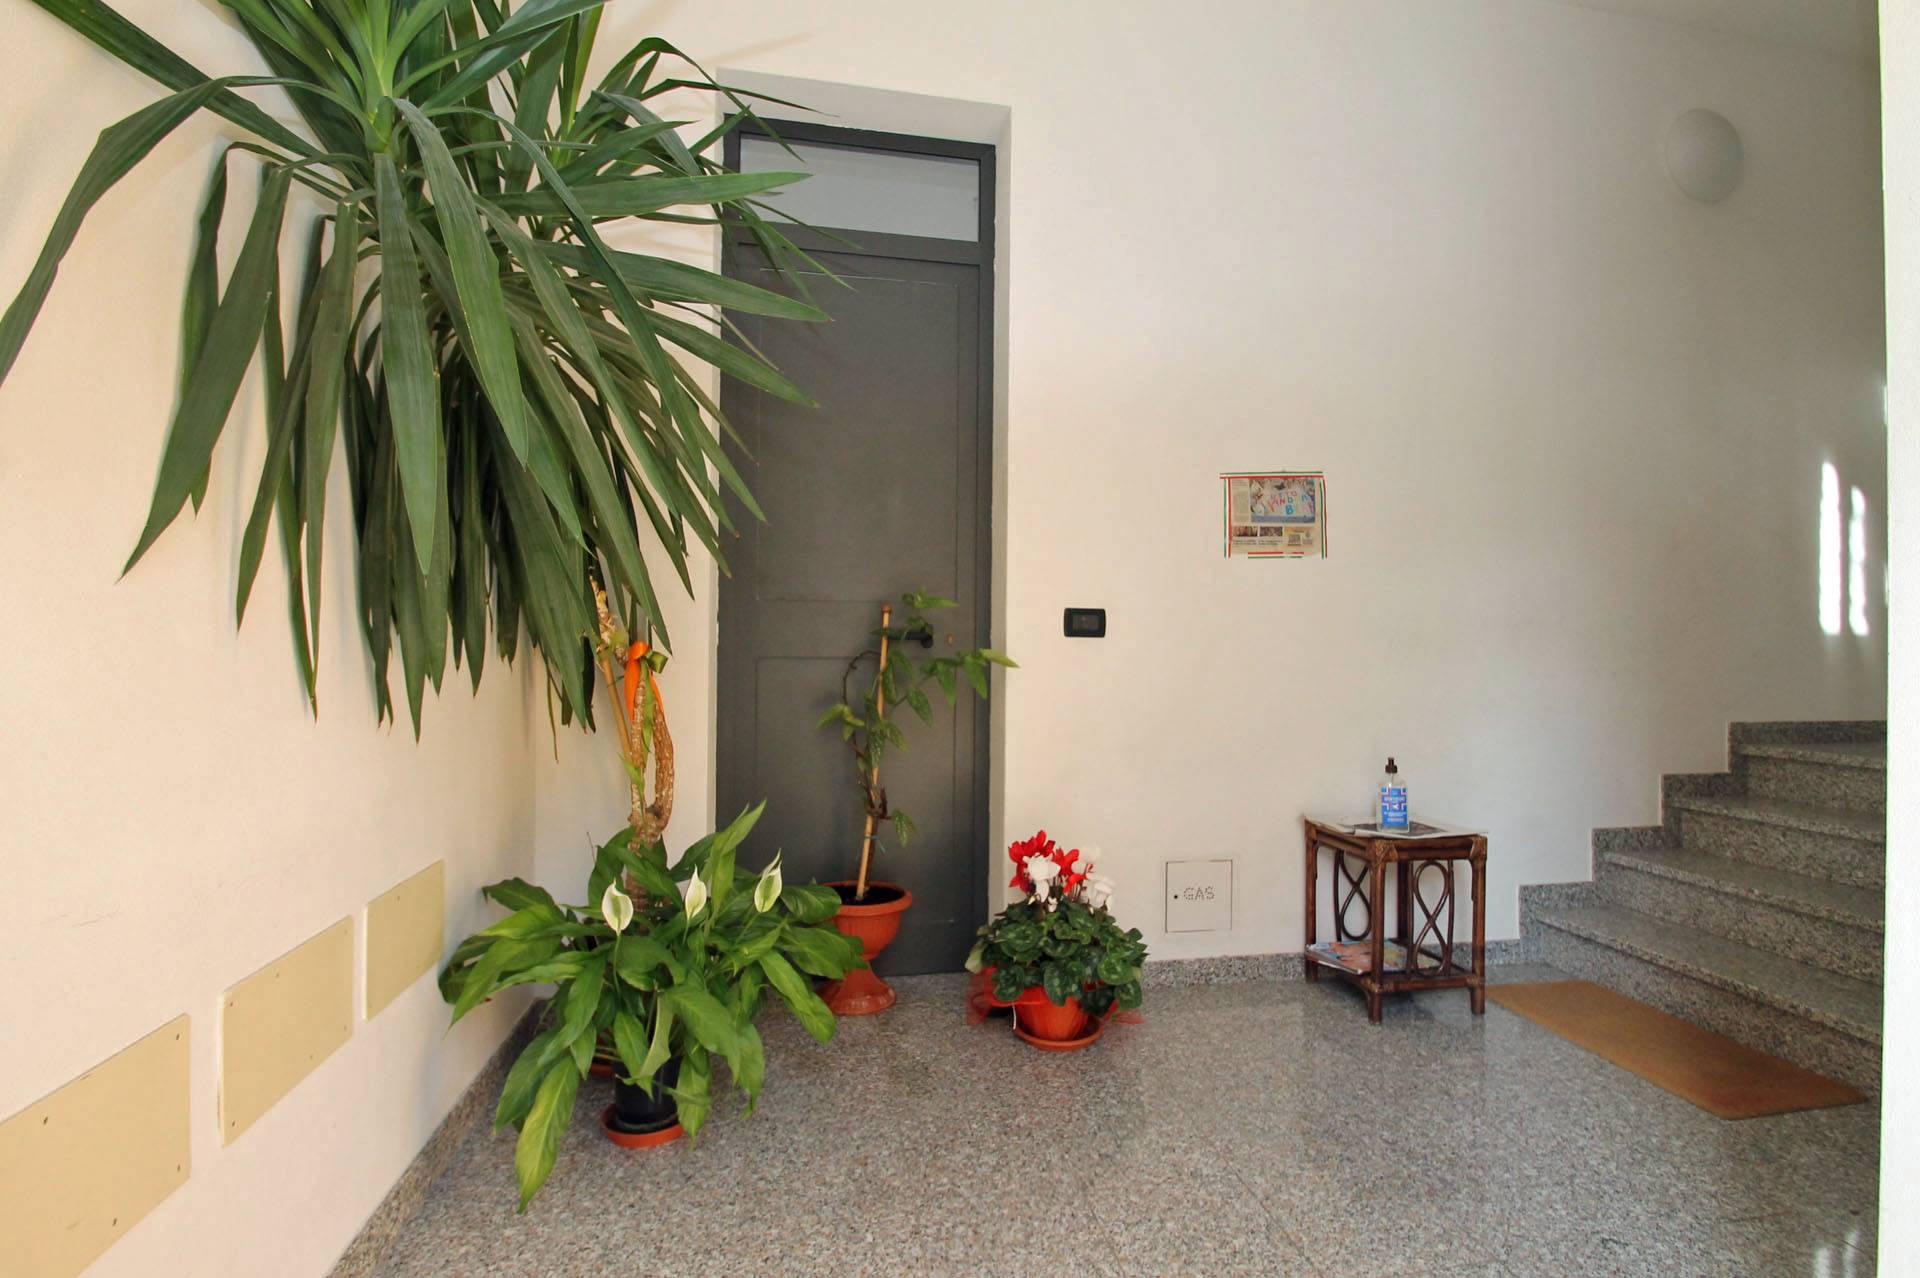 R43-ingresso condominio